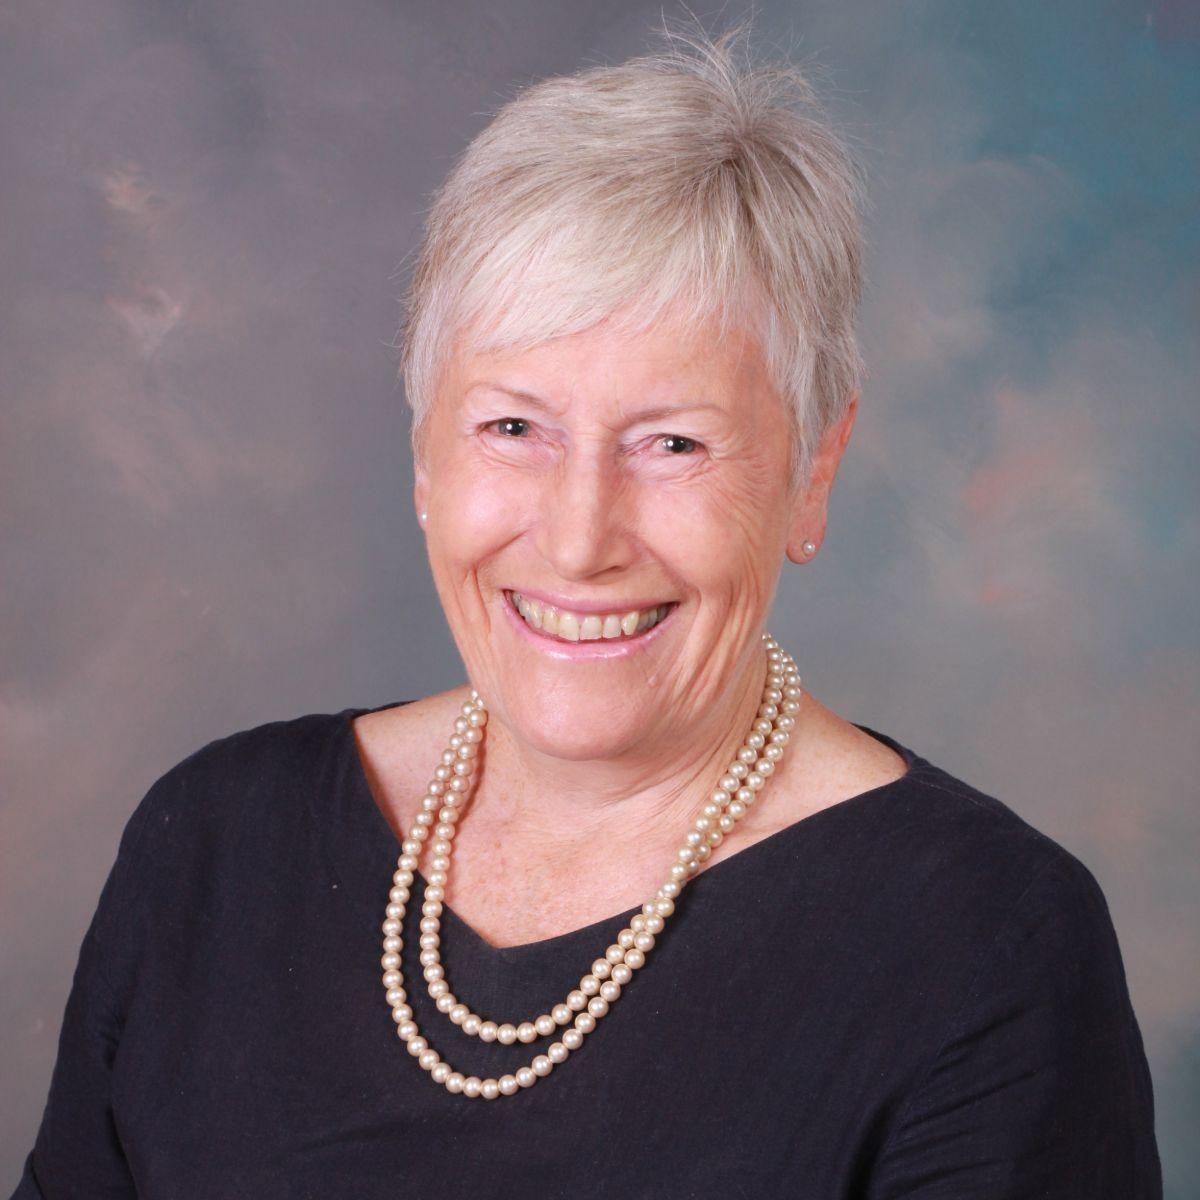 Mrs J. Husband